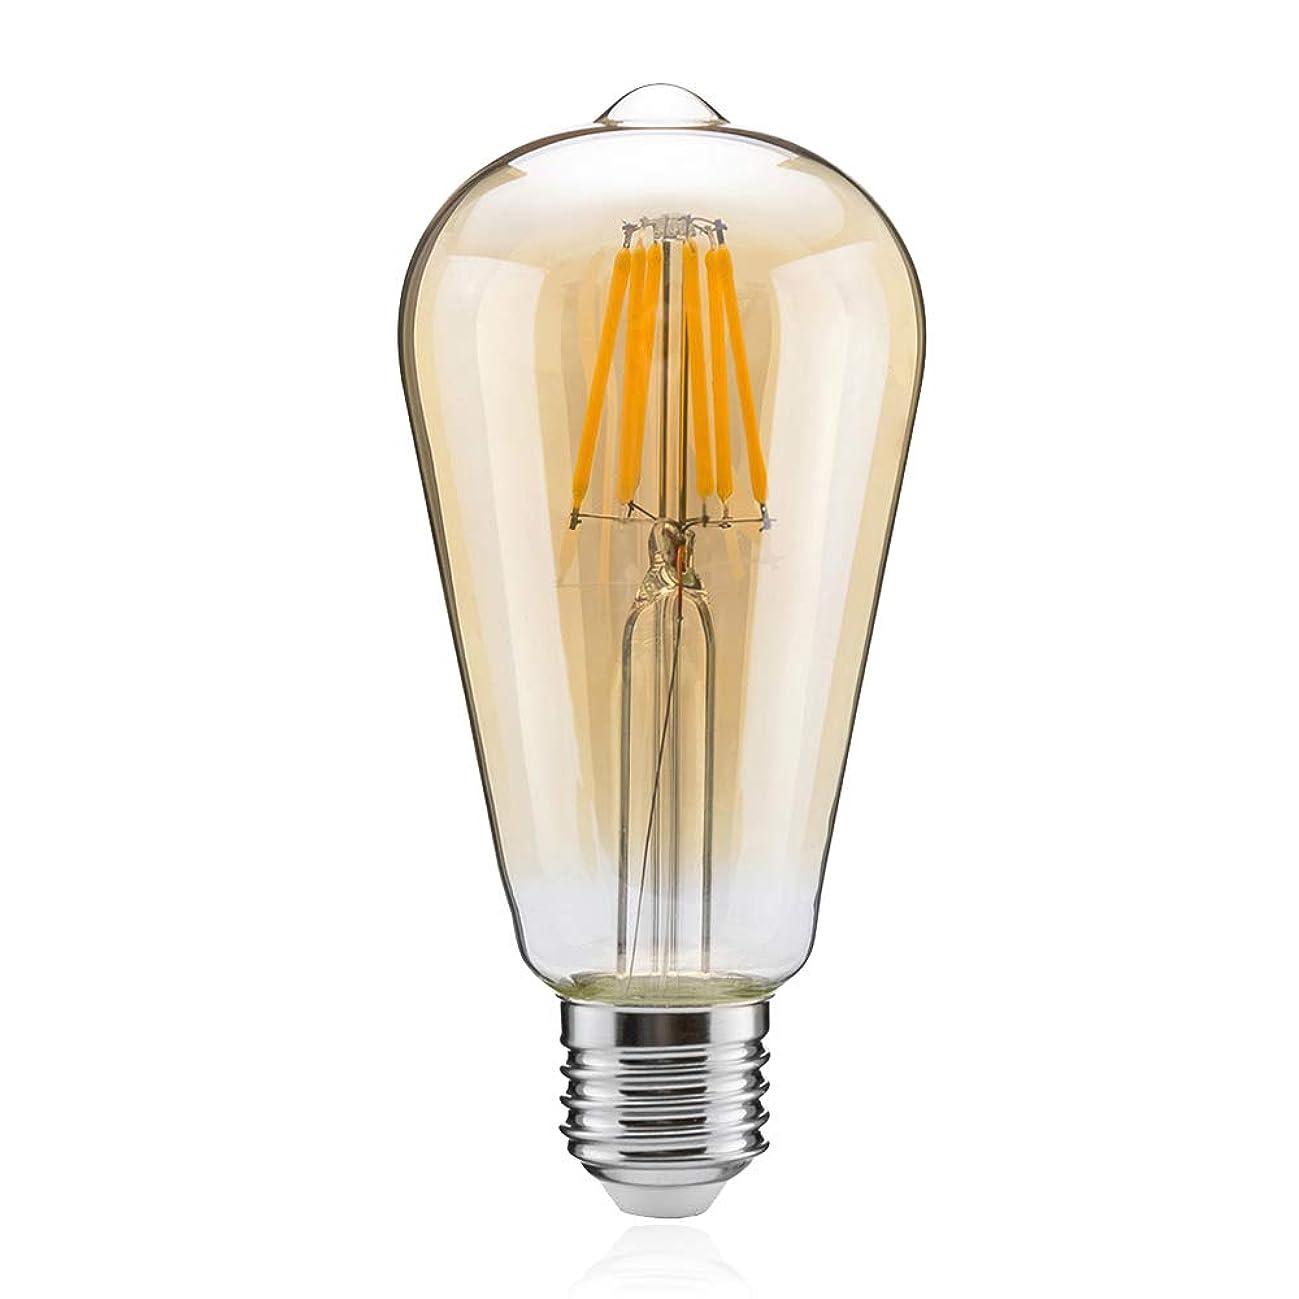 工業用貯水池現実的LEDエジソン電球 60W形 フィラメント電球 エジソンランプ LED電球 E26 8W 電球色 850lm ST64 アンバーガラス (8W金色 1個入り)